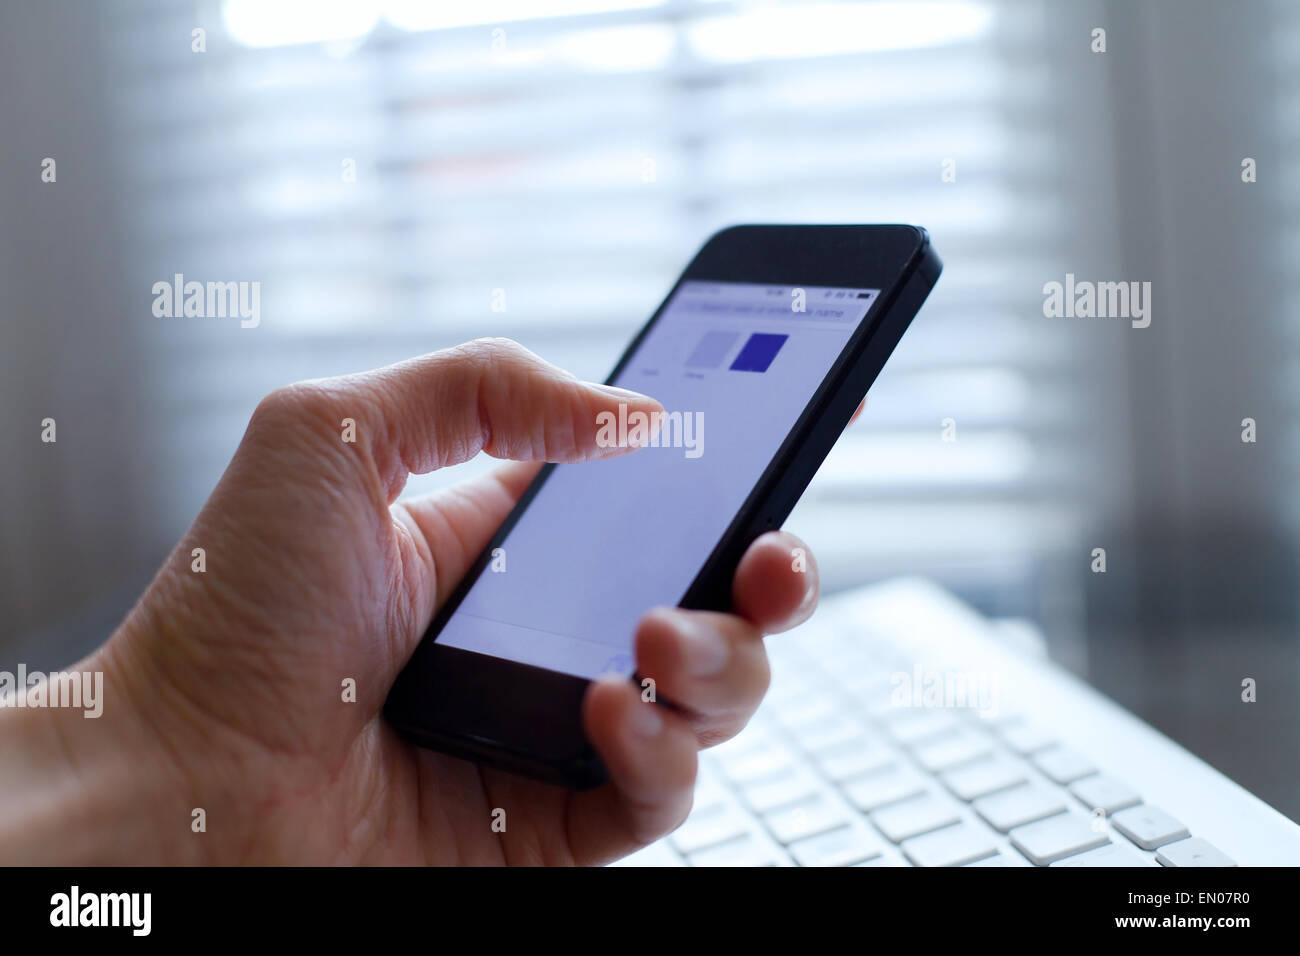 La mano con el smartphone Imagen De Stock